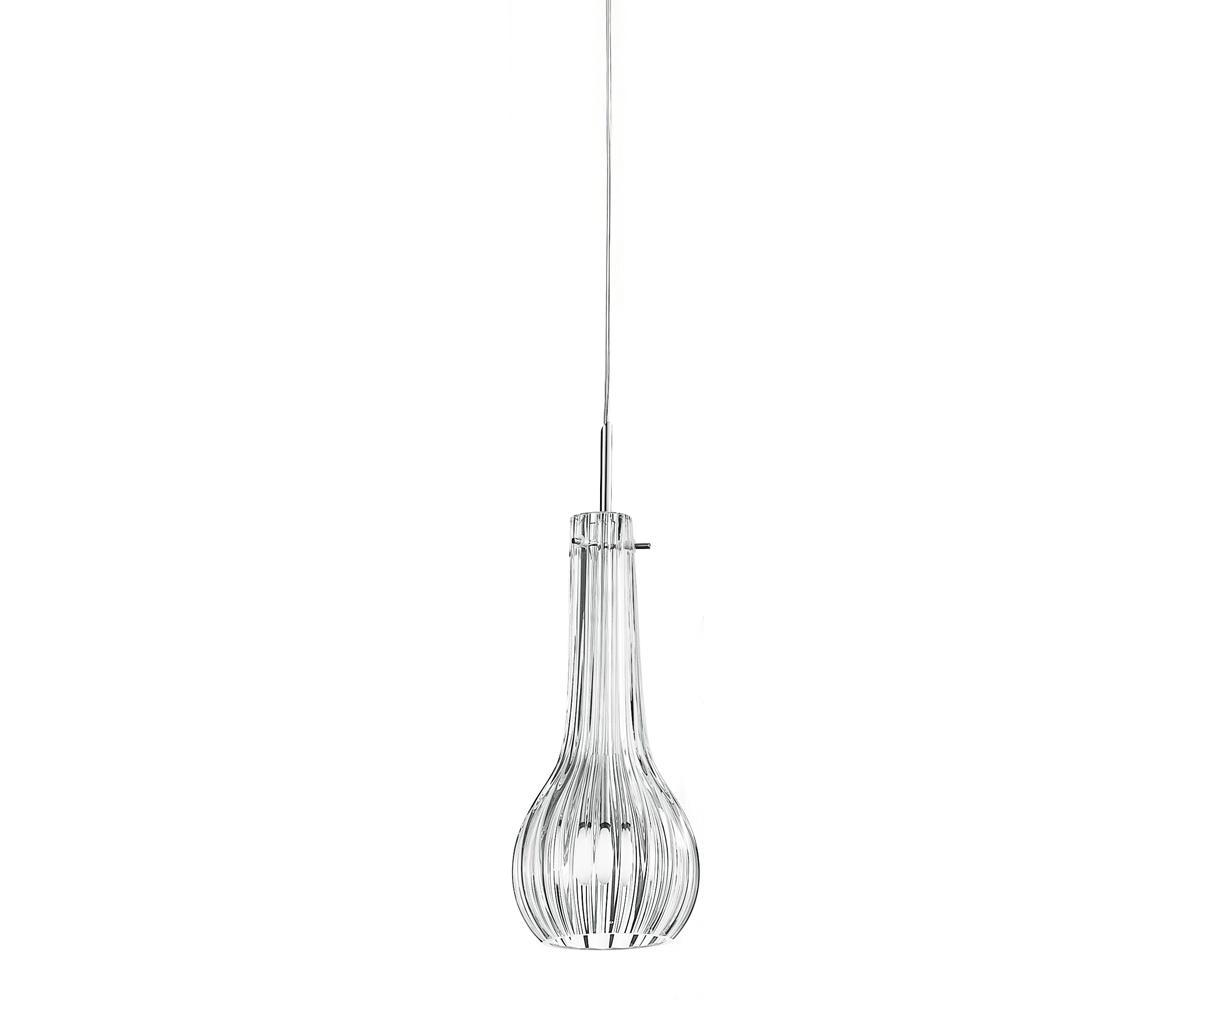 Athena S1 lamp Pendant Lamp E14 46W Chrome Glass